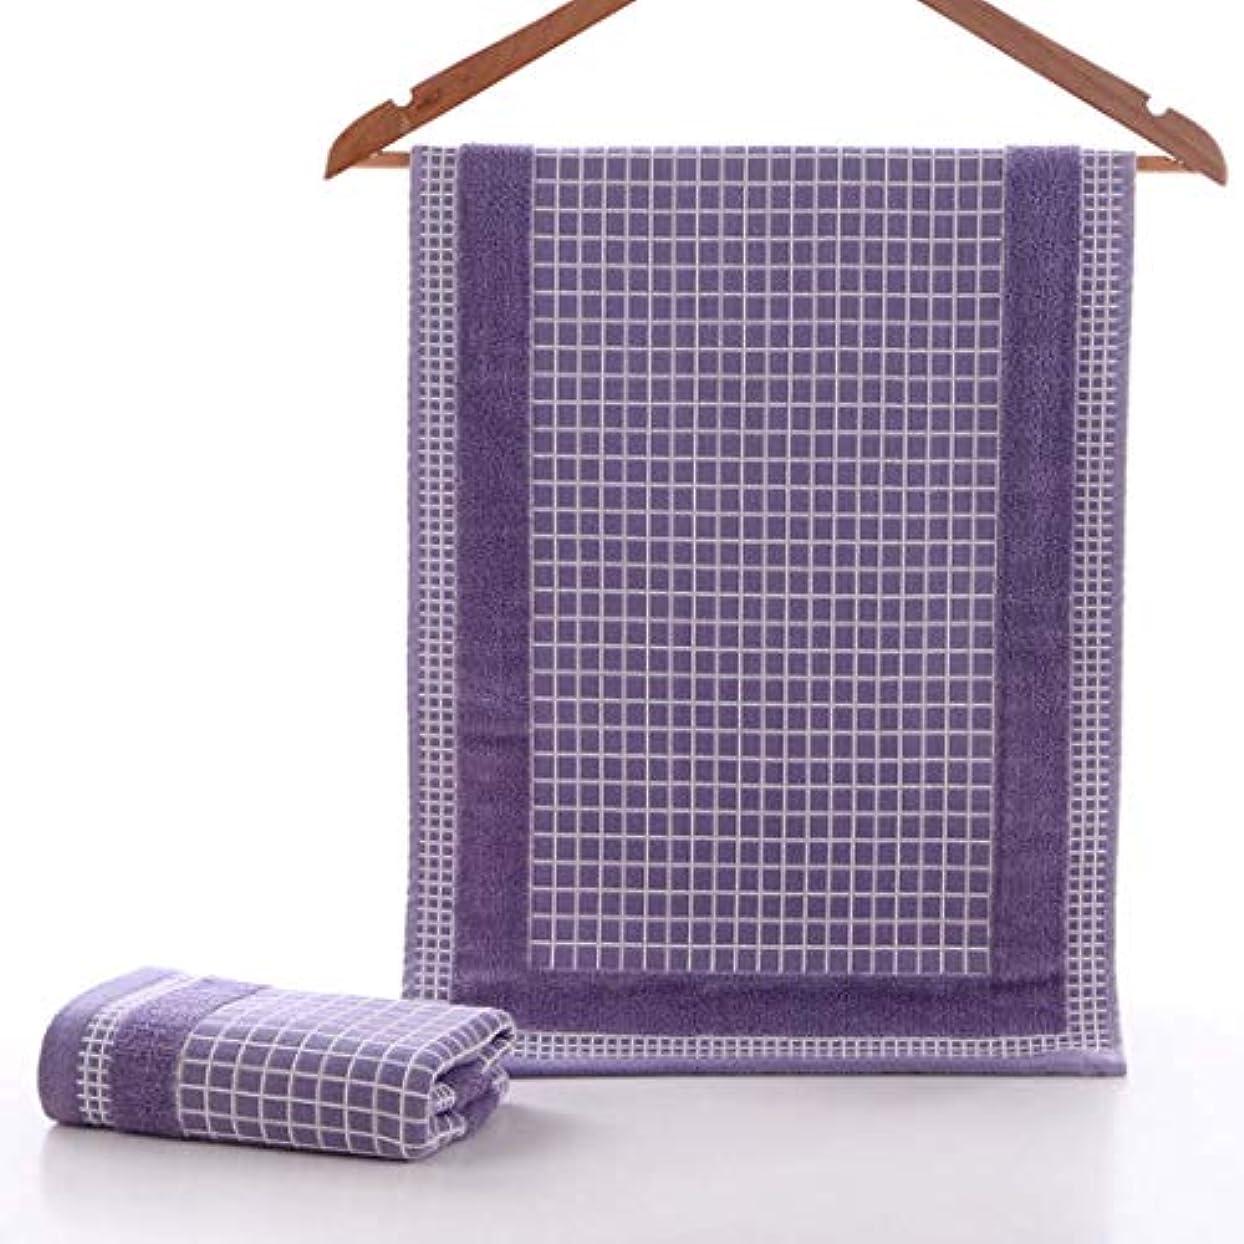 ローンカリキュラムスペアスーパーソフトコットンタオルコットンフェイスタオル吸収性フェイスタオル,Purple,34*75